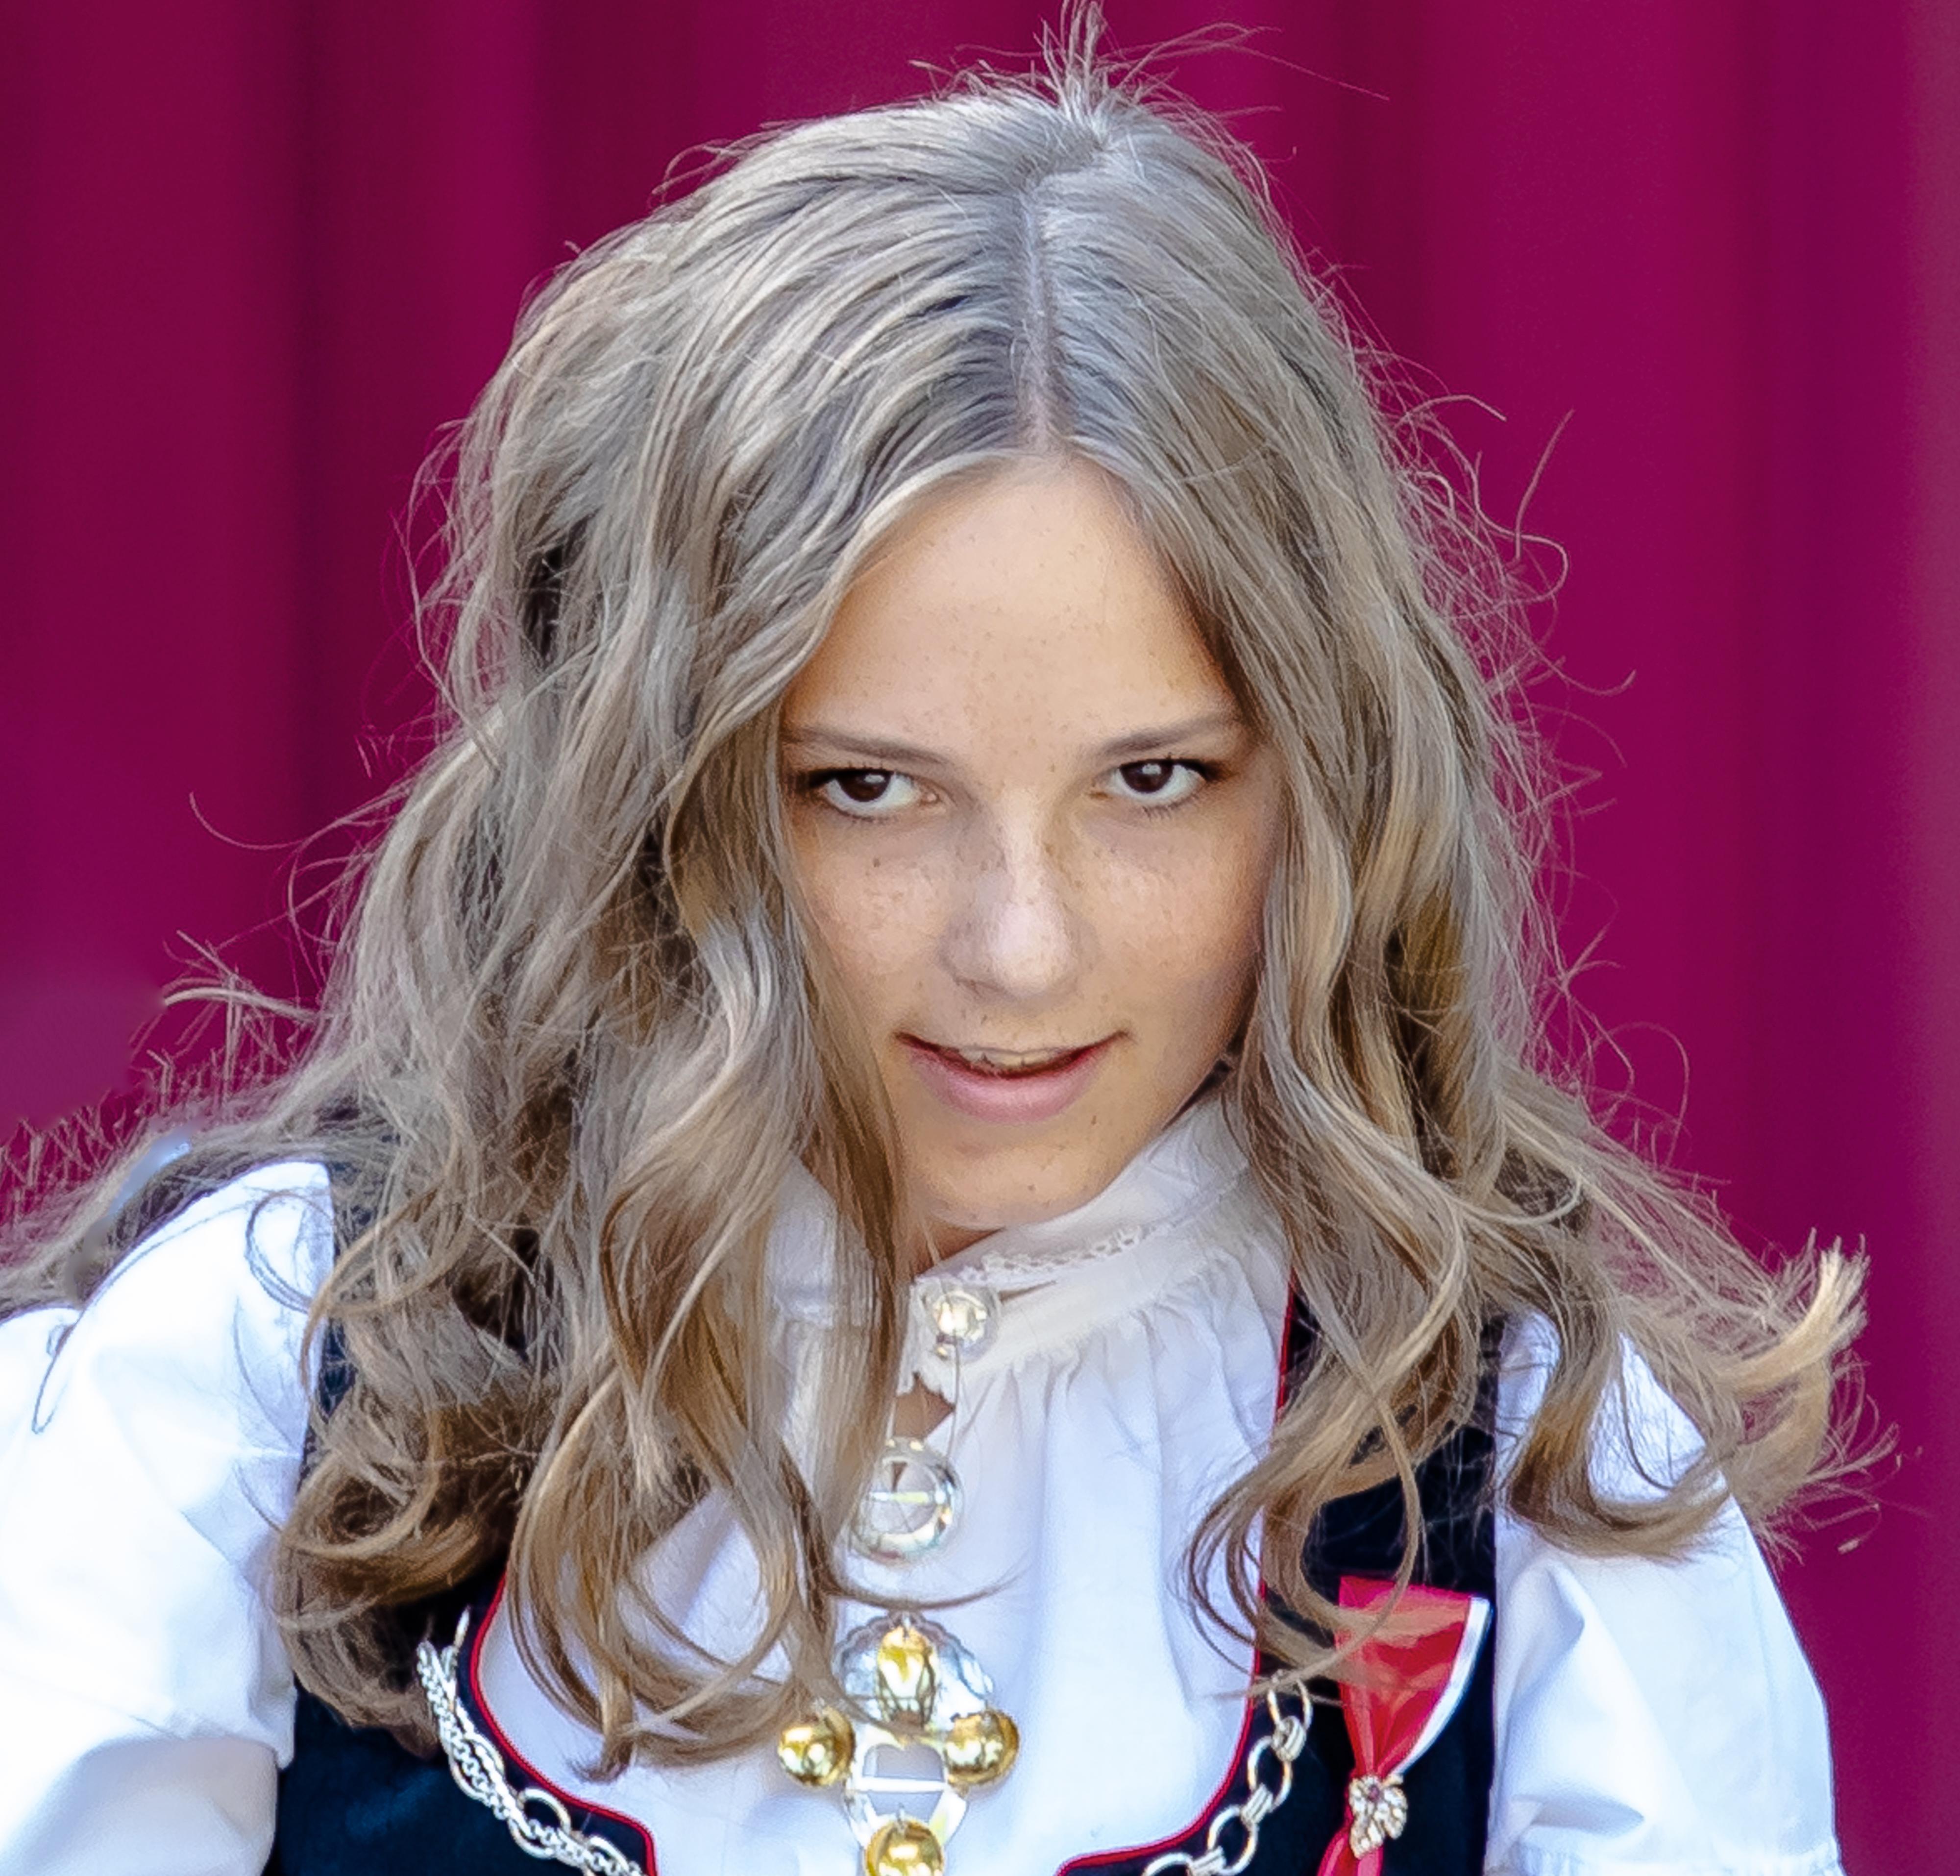 Принцеса Ингрид Александра Норвежка, 15-годишна<br /> Принцеса Ингрид Александра е дъщеря на норвежкия престолонаследник принц Хокон и съпругата му, принцеса Мете-Марит.